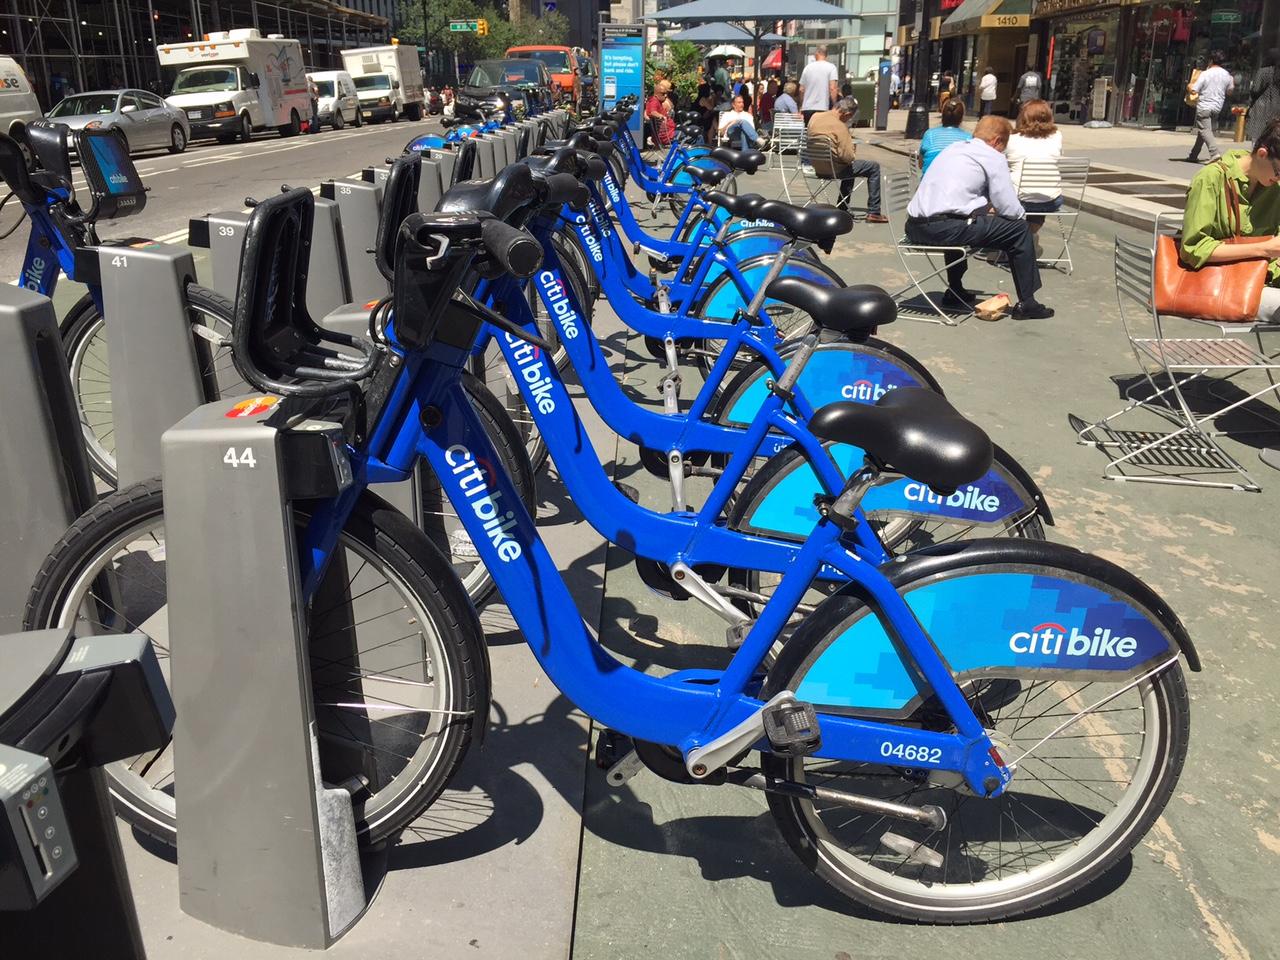 Uma ótima opção de conhecer a cidade é através do aluguel de bicicleta em Nova York.